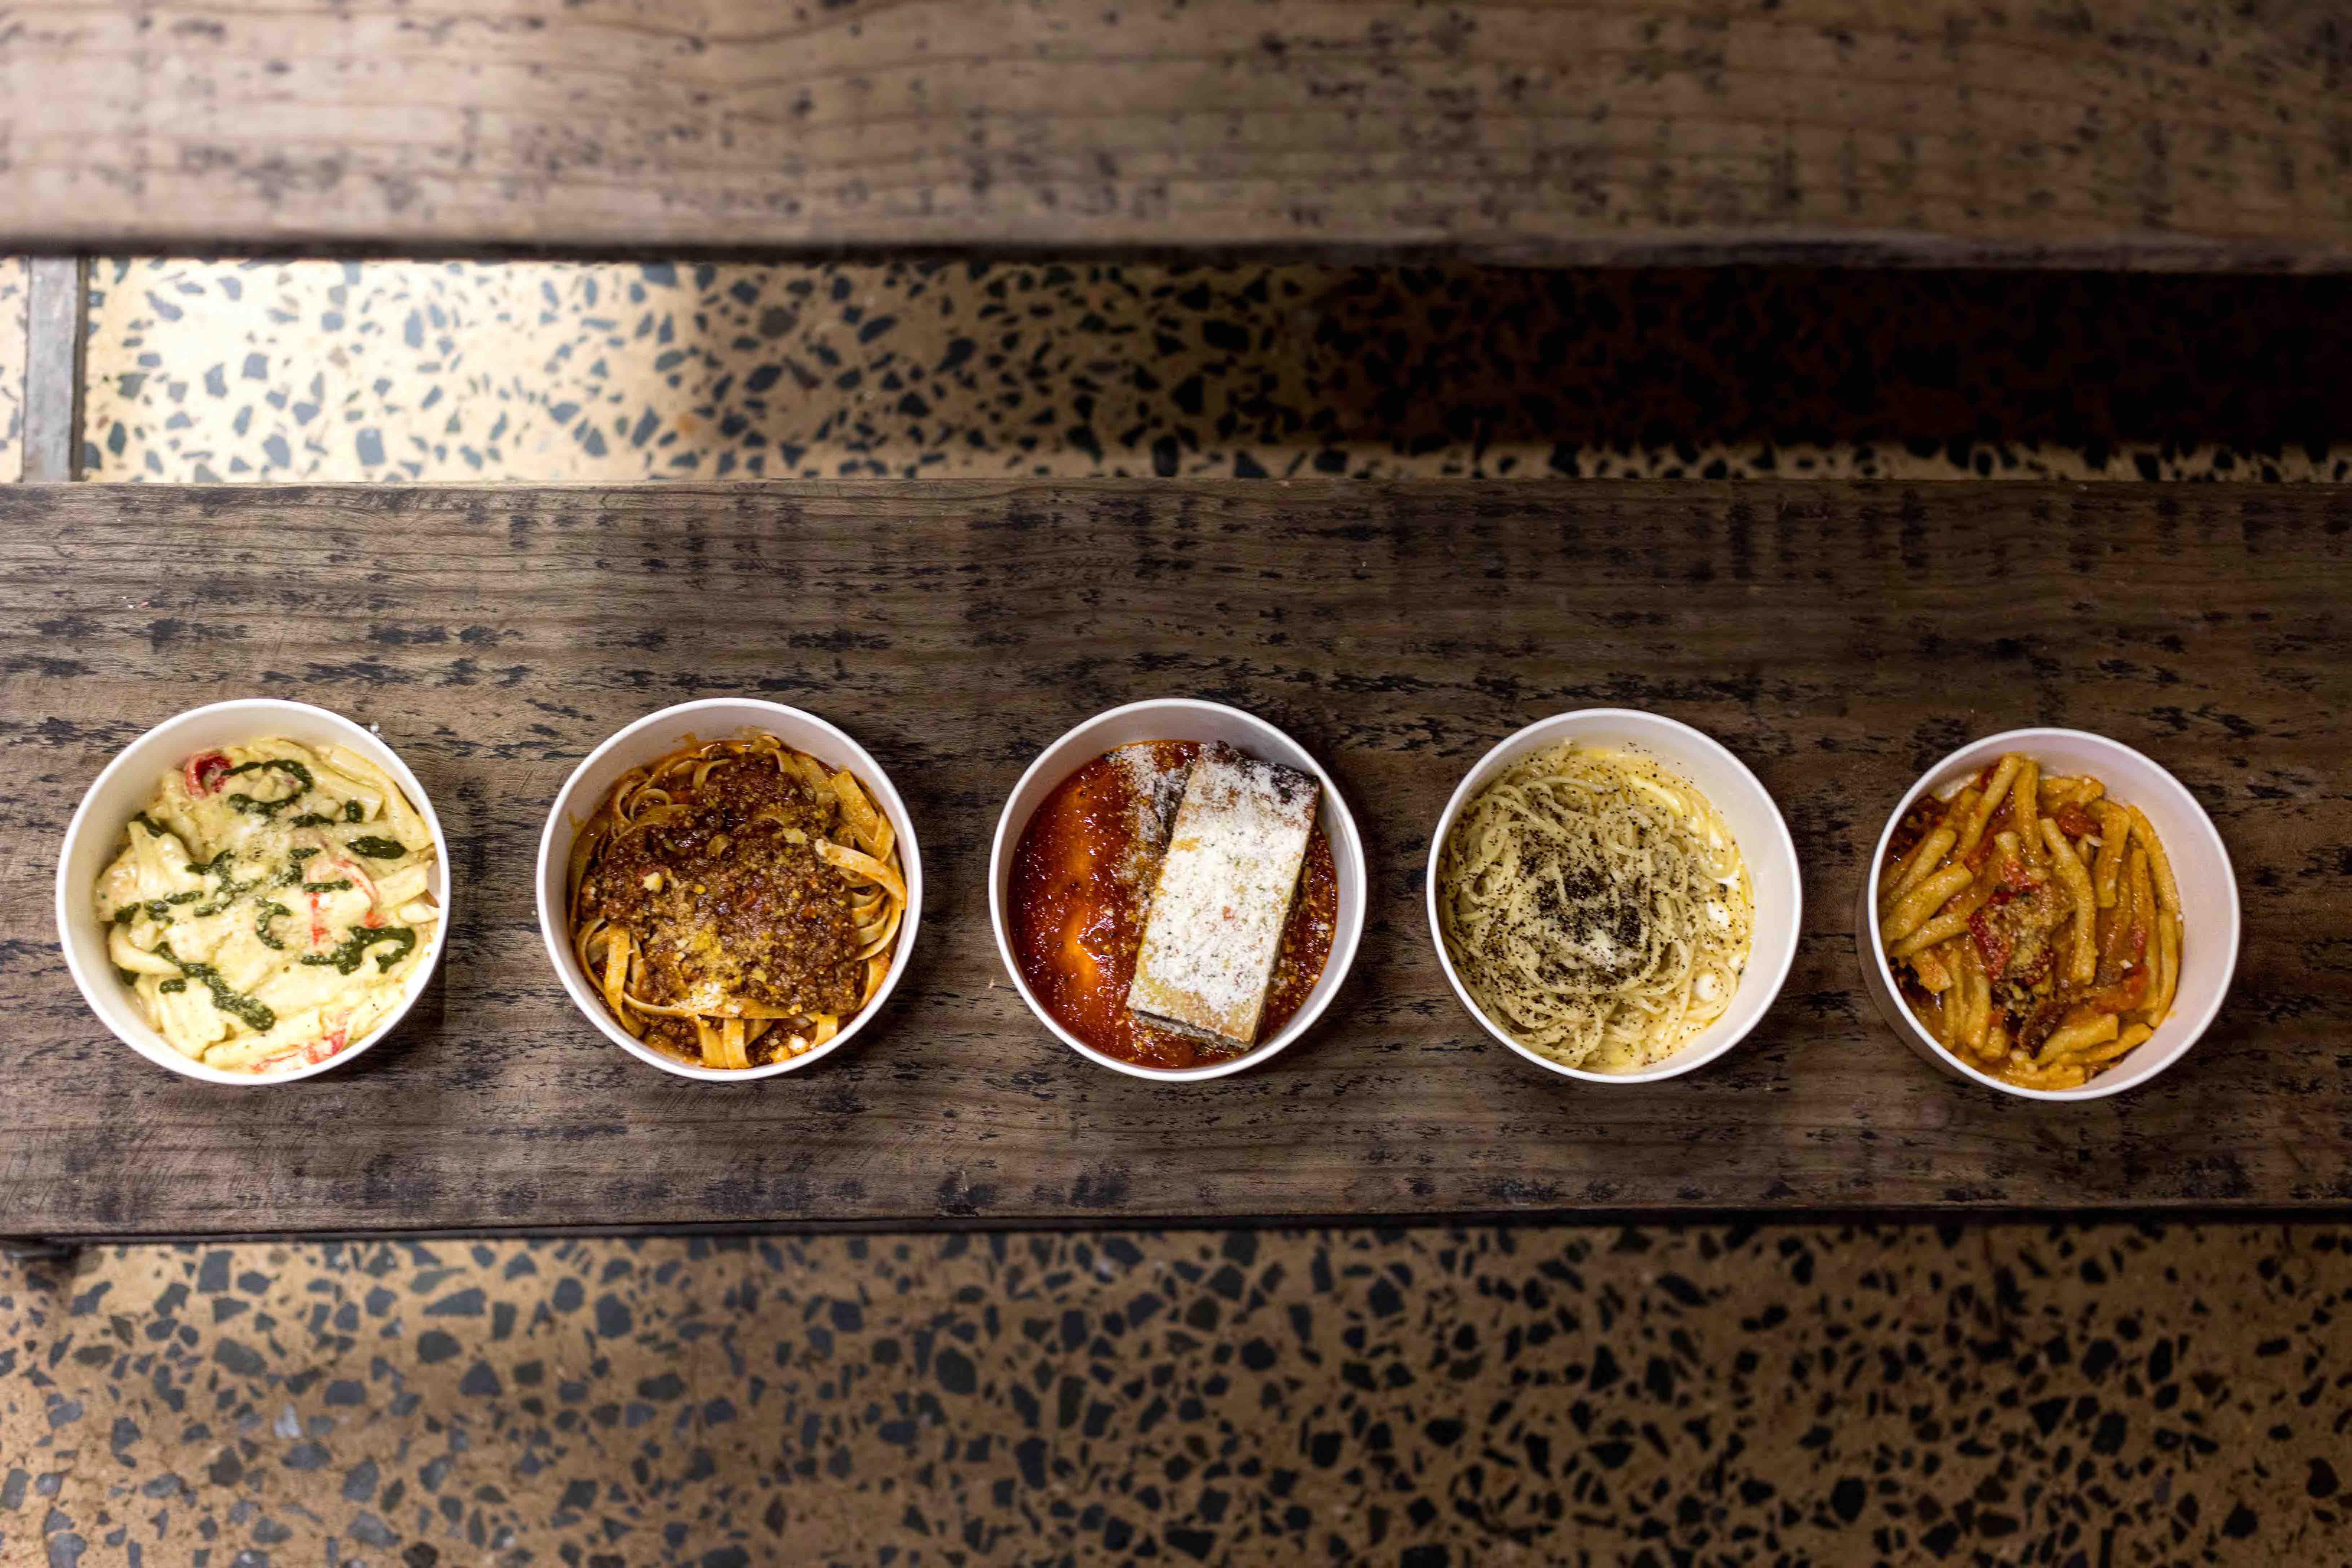 Core menu offerings at The Italian Job